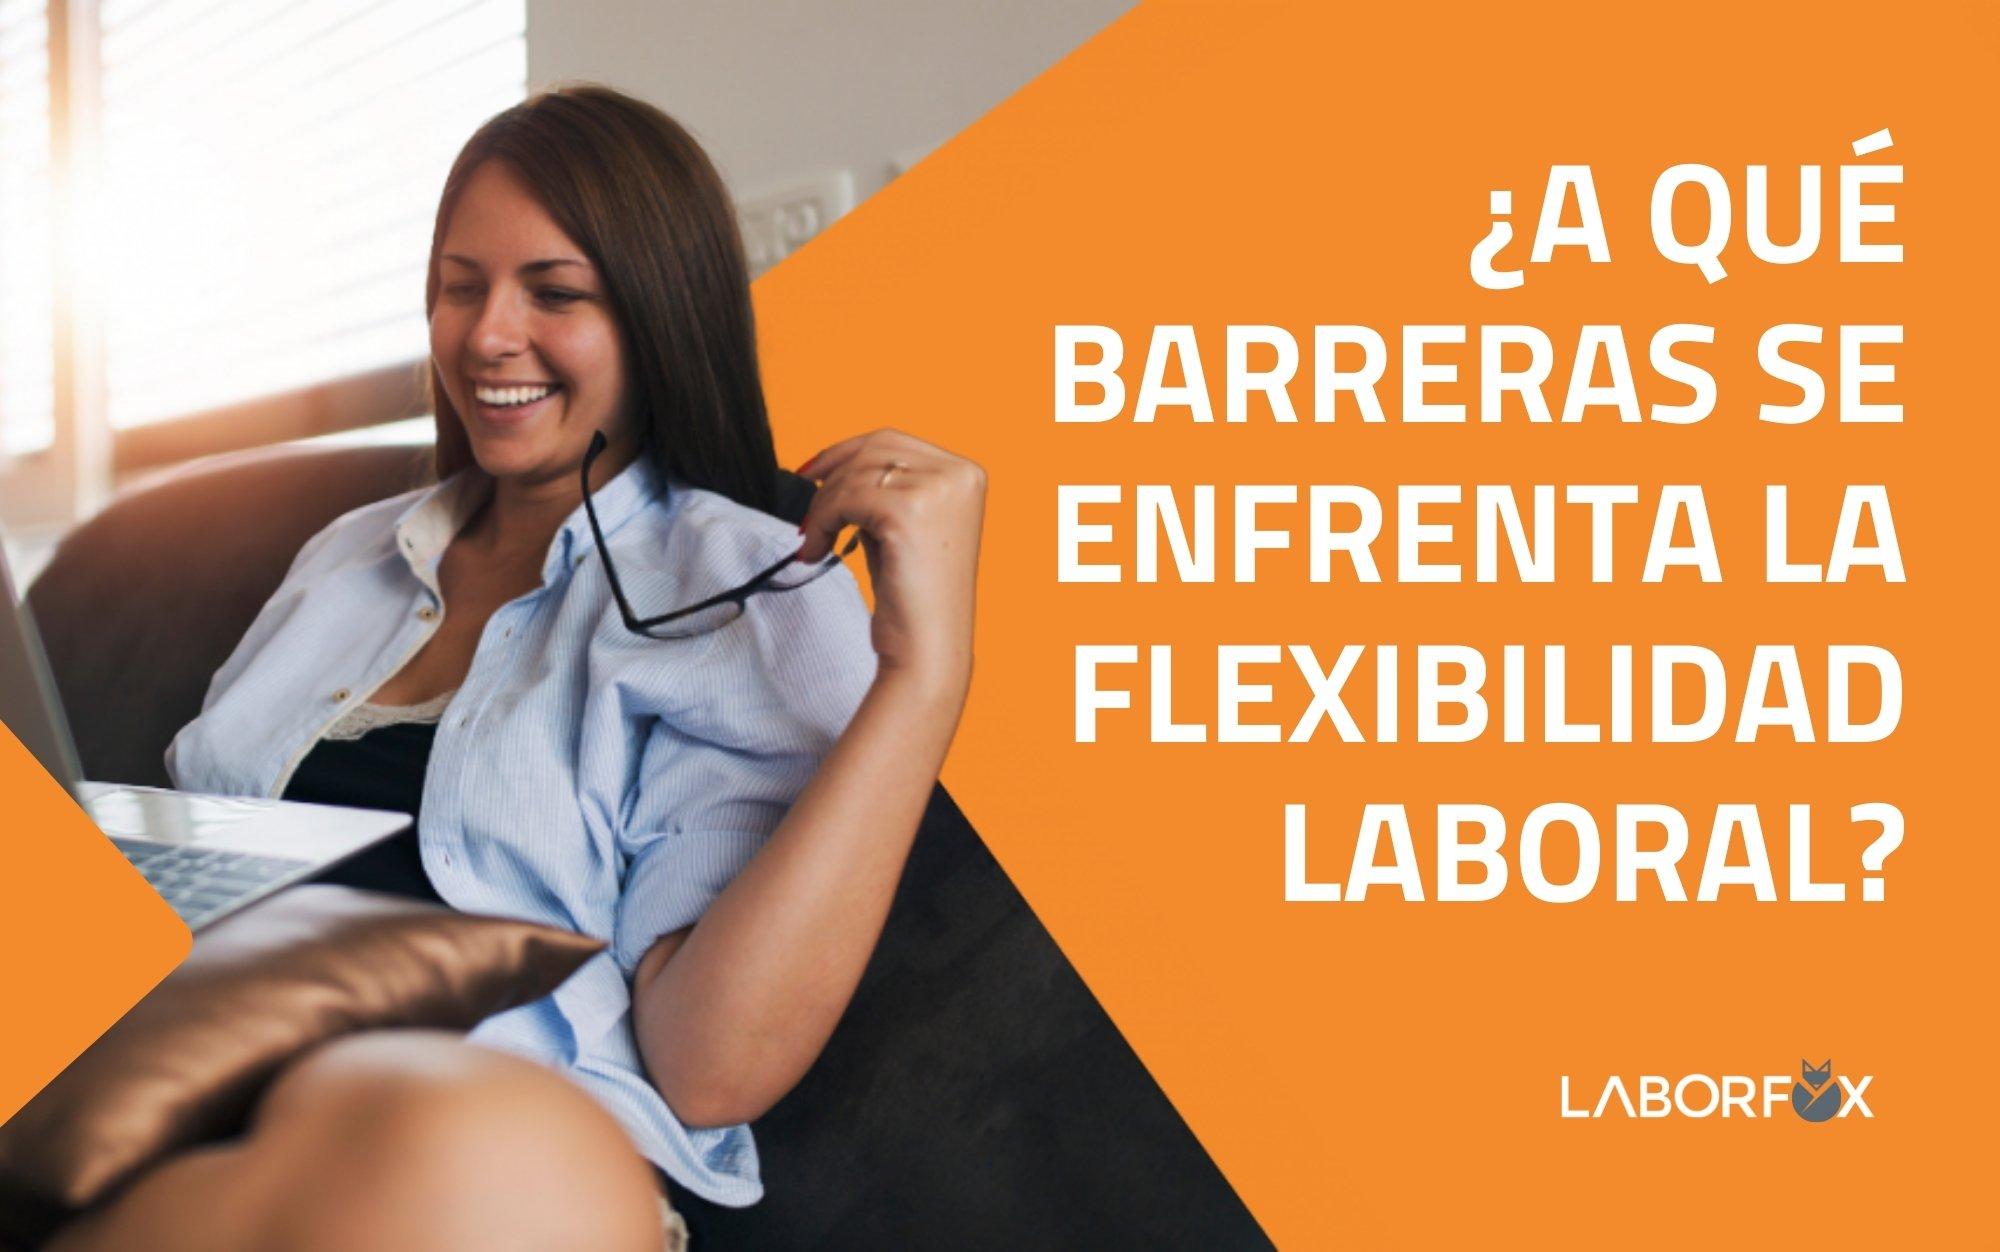 flexibilidad laboral superar barreras